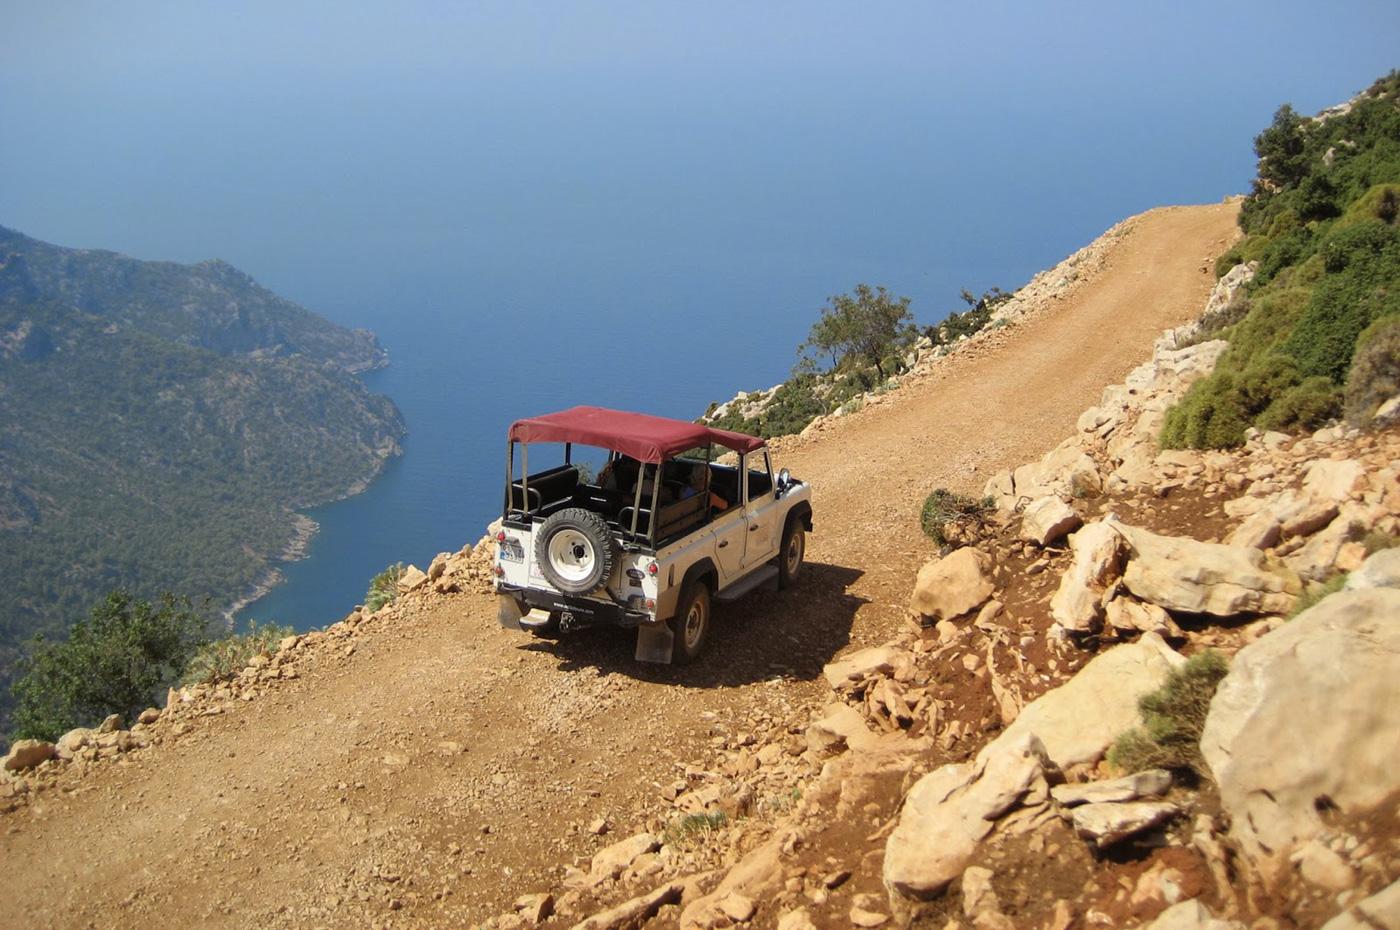 Αποτέλεσμα εικόνας για jeep safari excursion zante